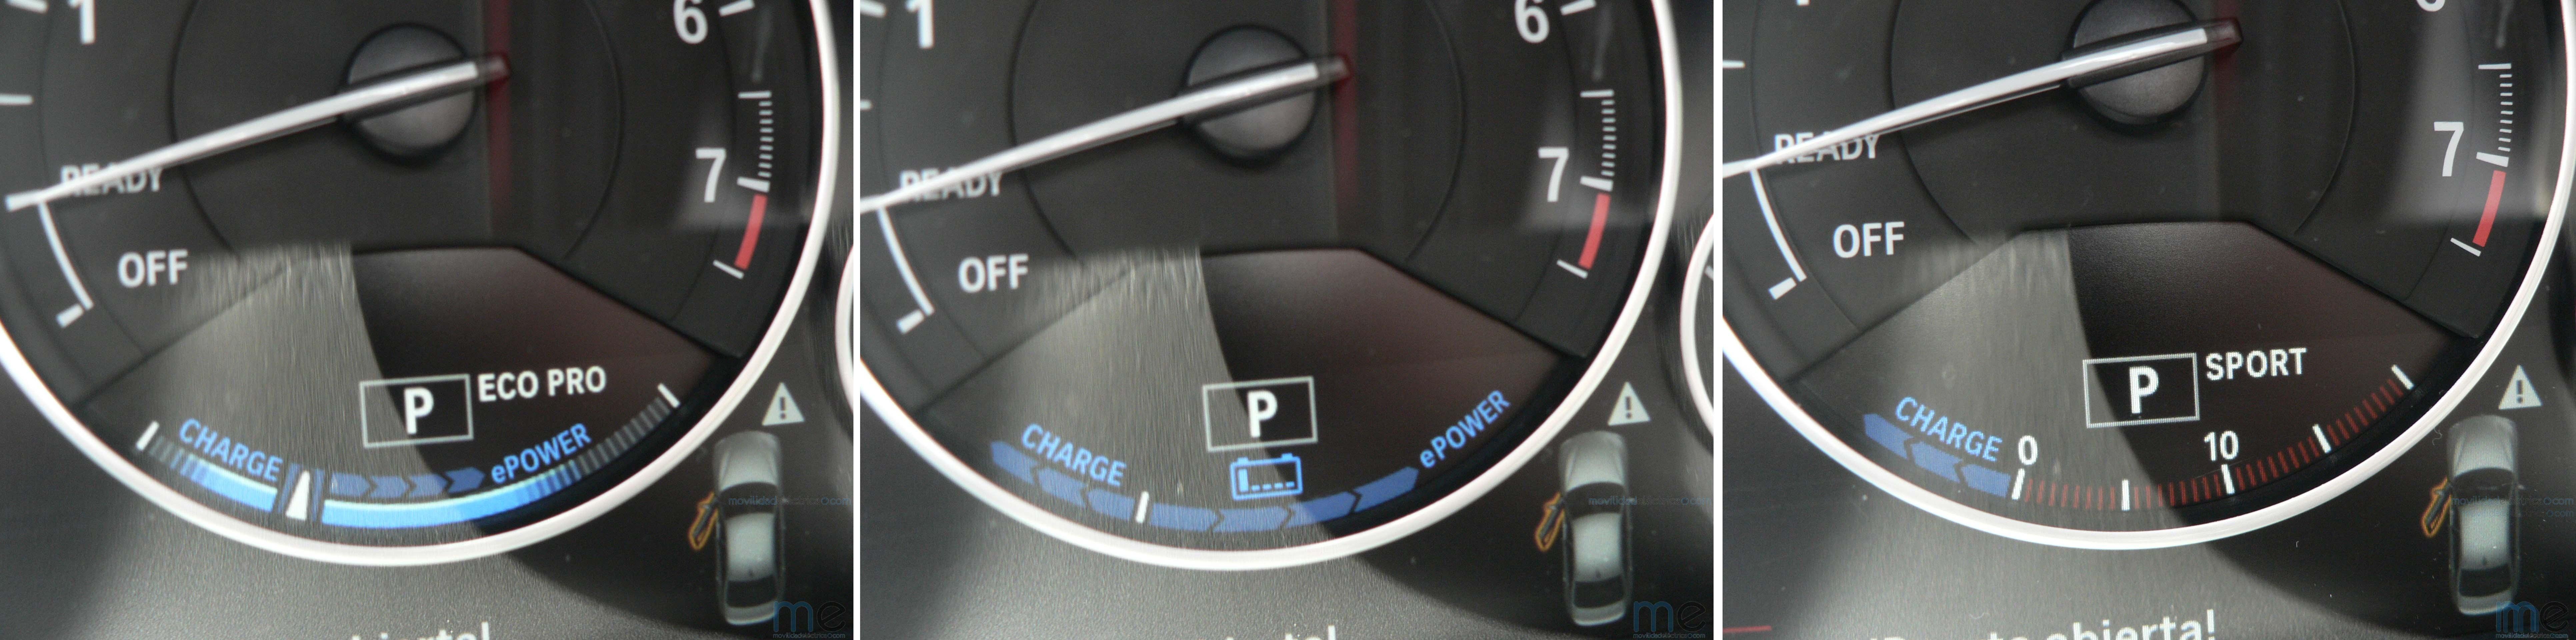 Modos de funcionamiento del BMW Serie 3 iPerformance